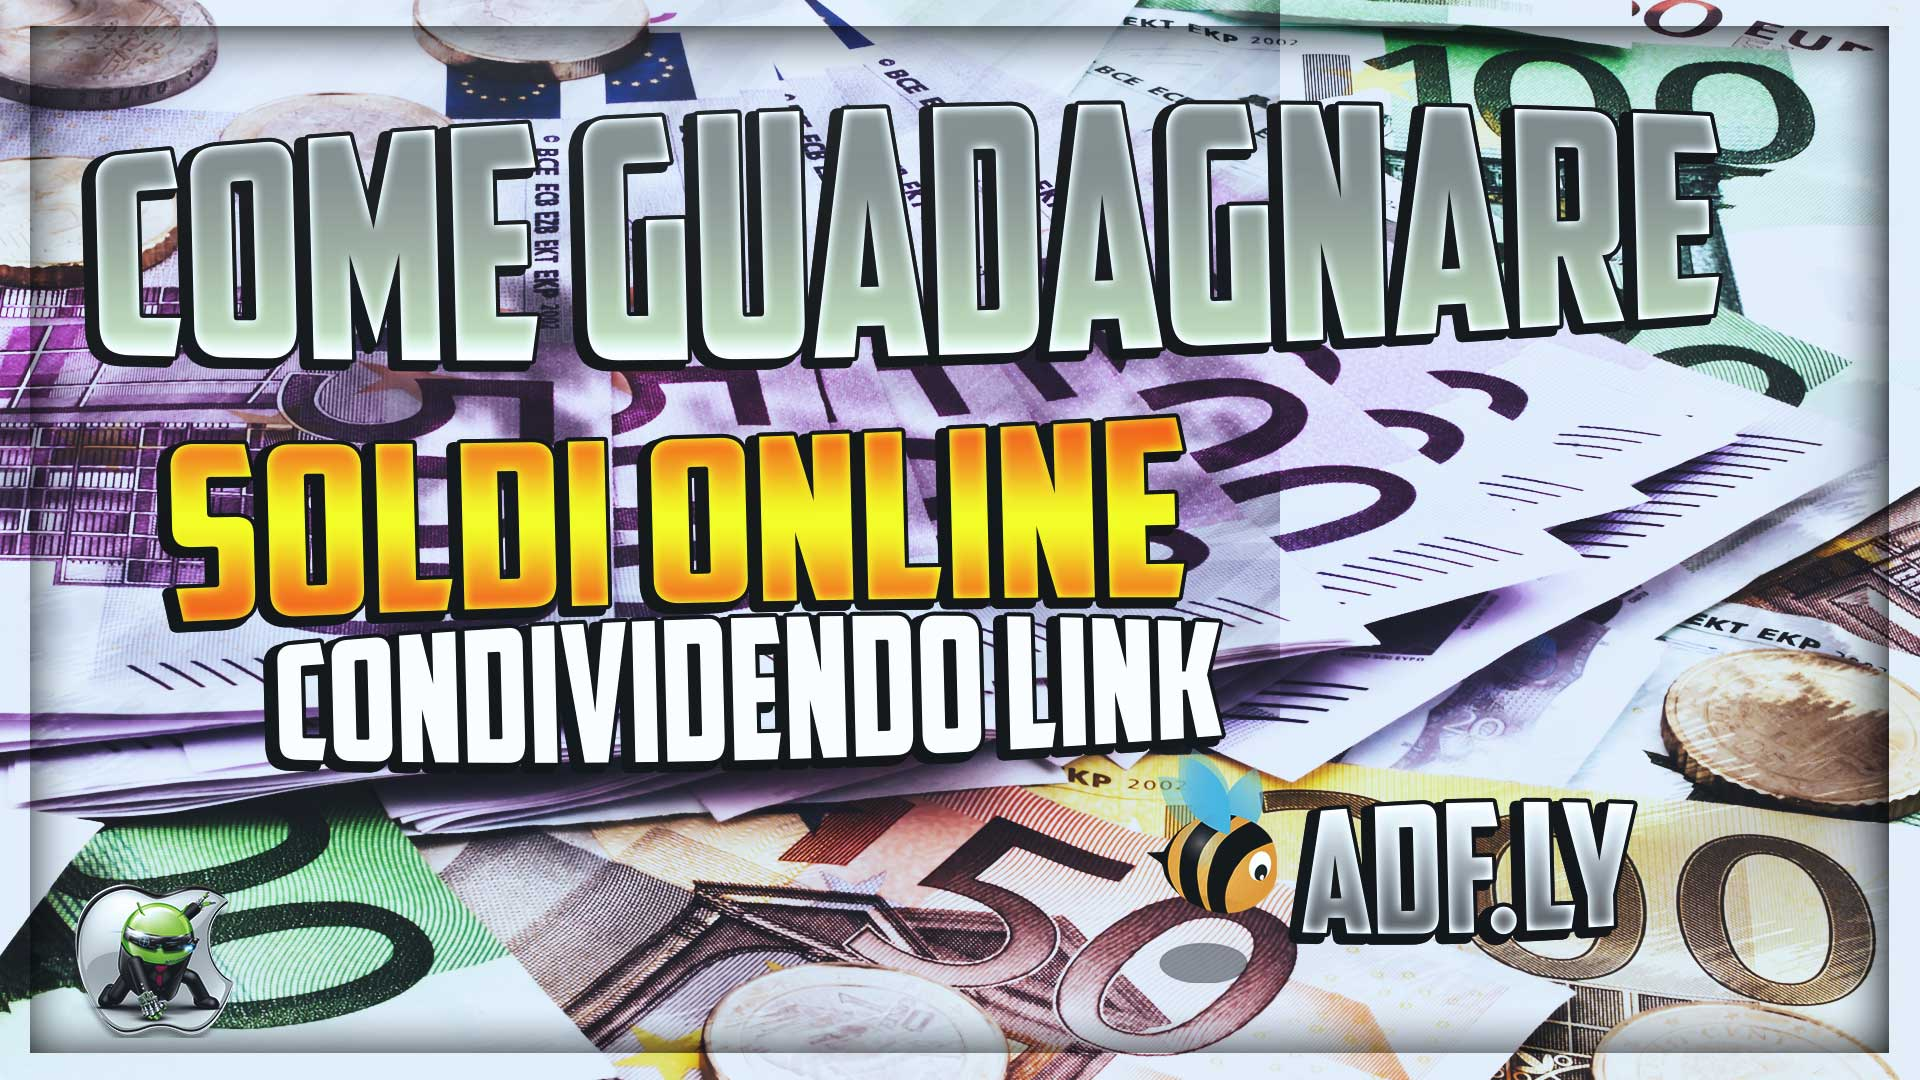 Guadagnare Soldi Online condividendo link